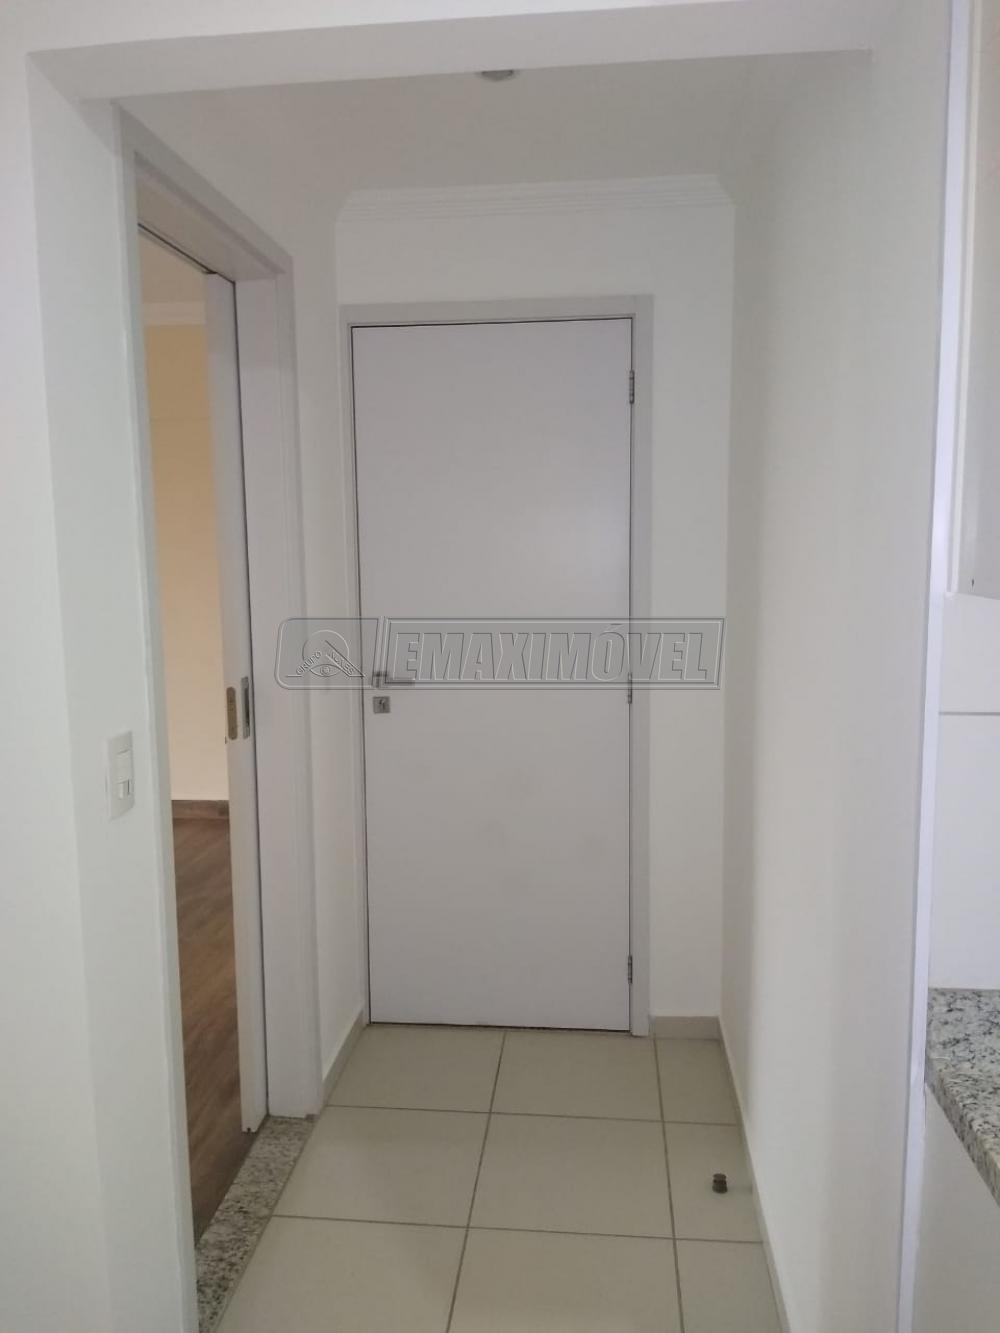 Comprar Apartamentos / Apto Padrão em Sorocaba apenas R$ 490.000,00 - Foto 7